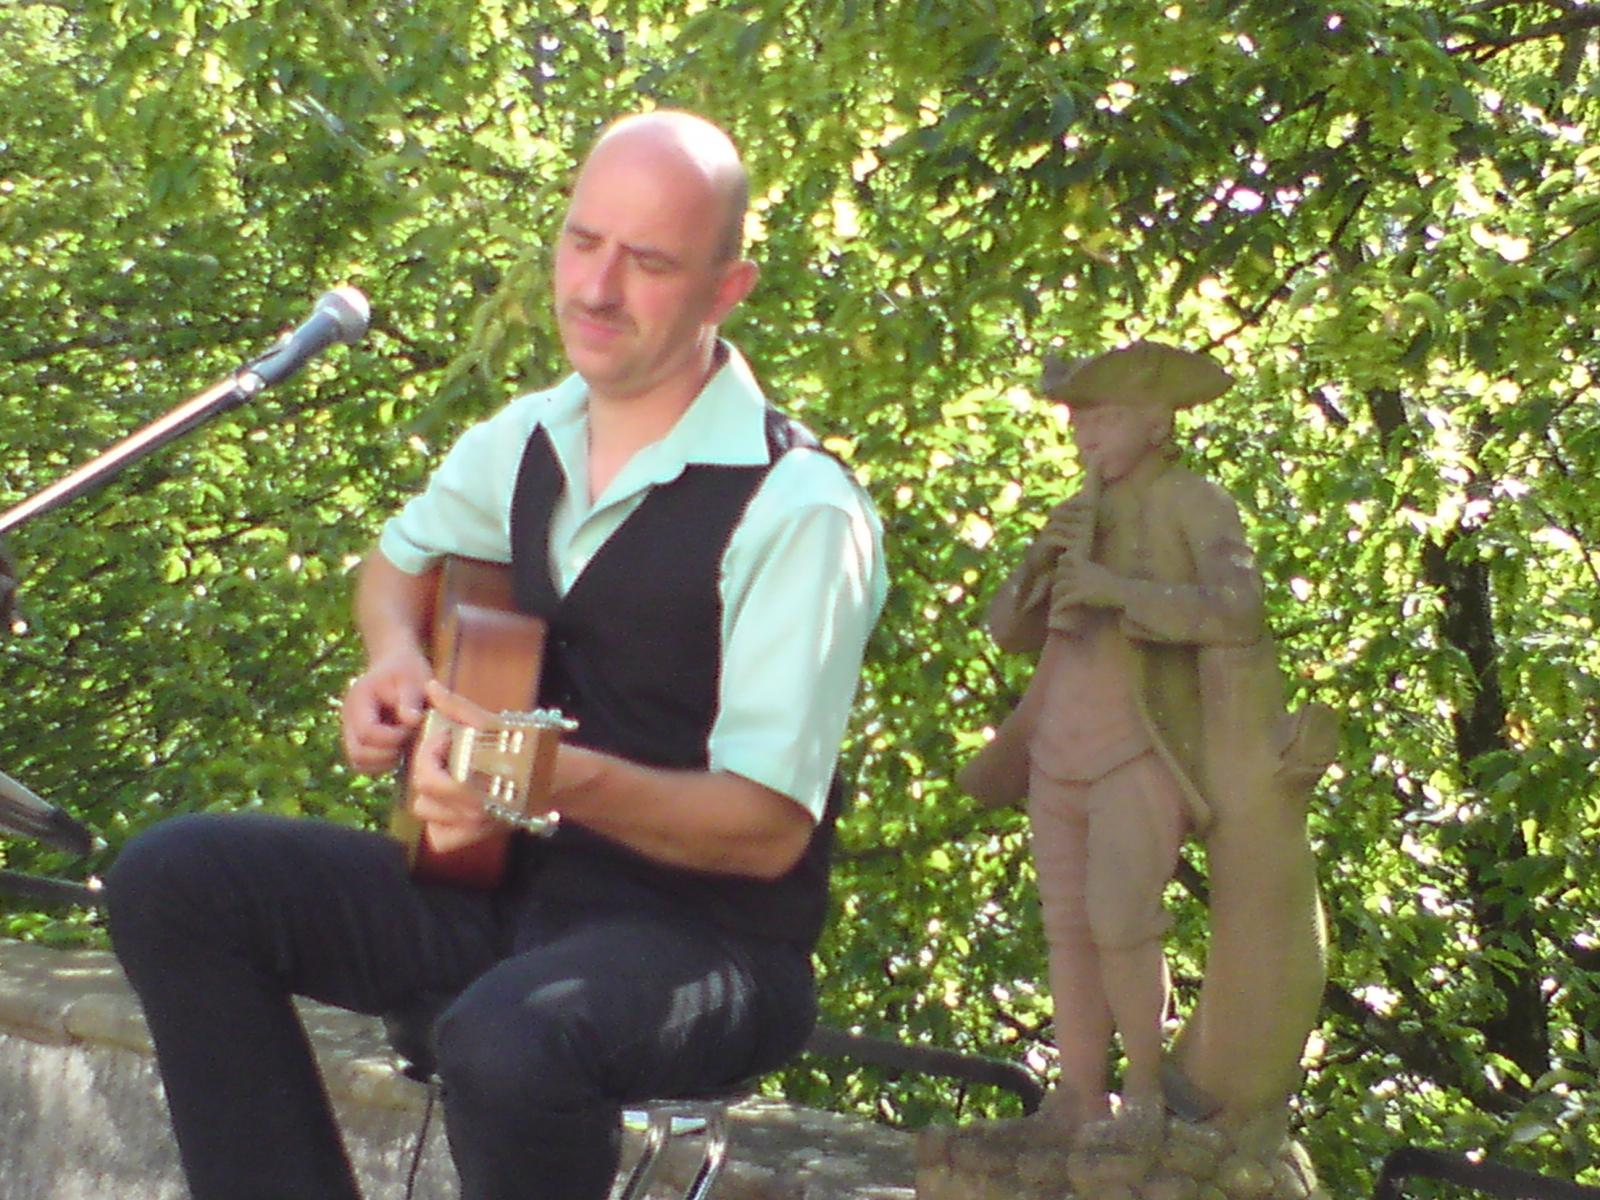 2014 bei Genuss im Park im Vinzentiusgarten in Offenburg